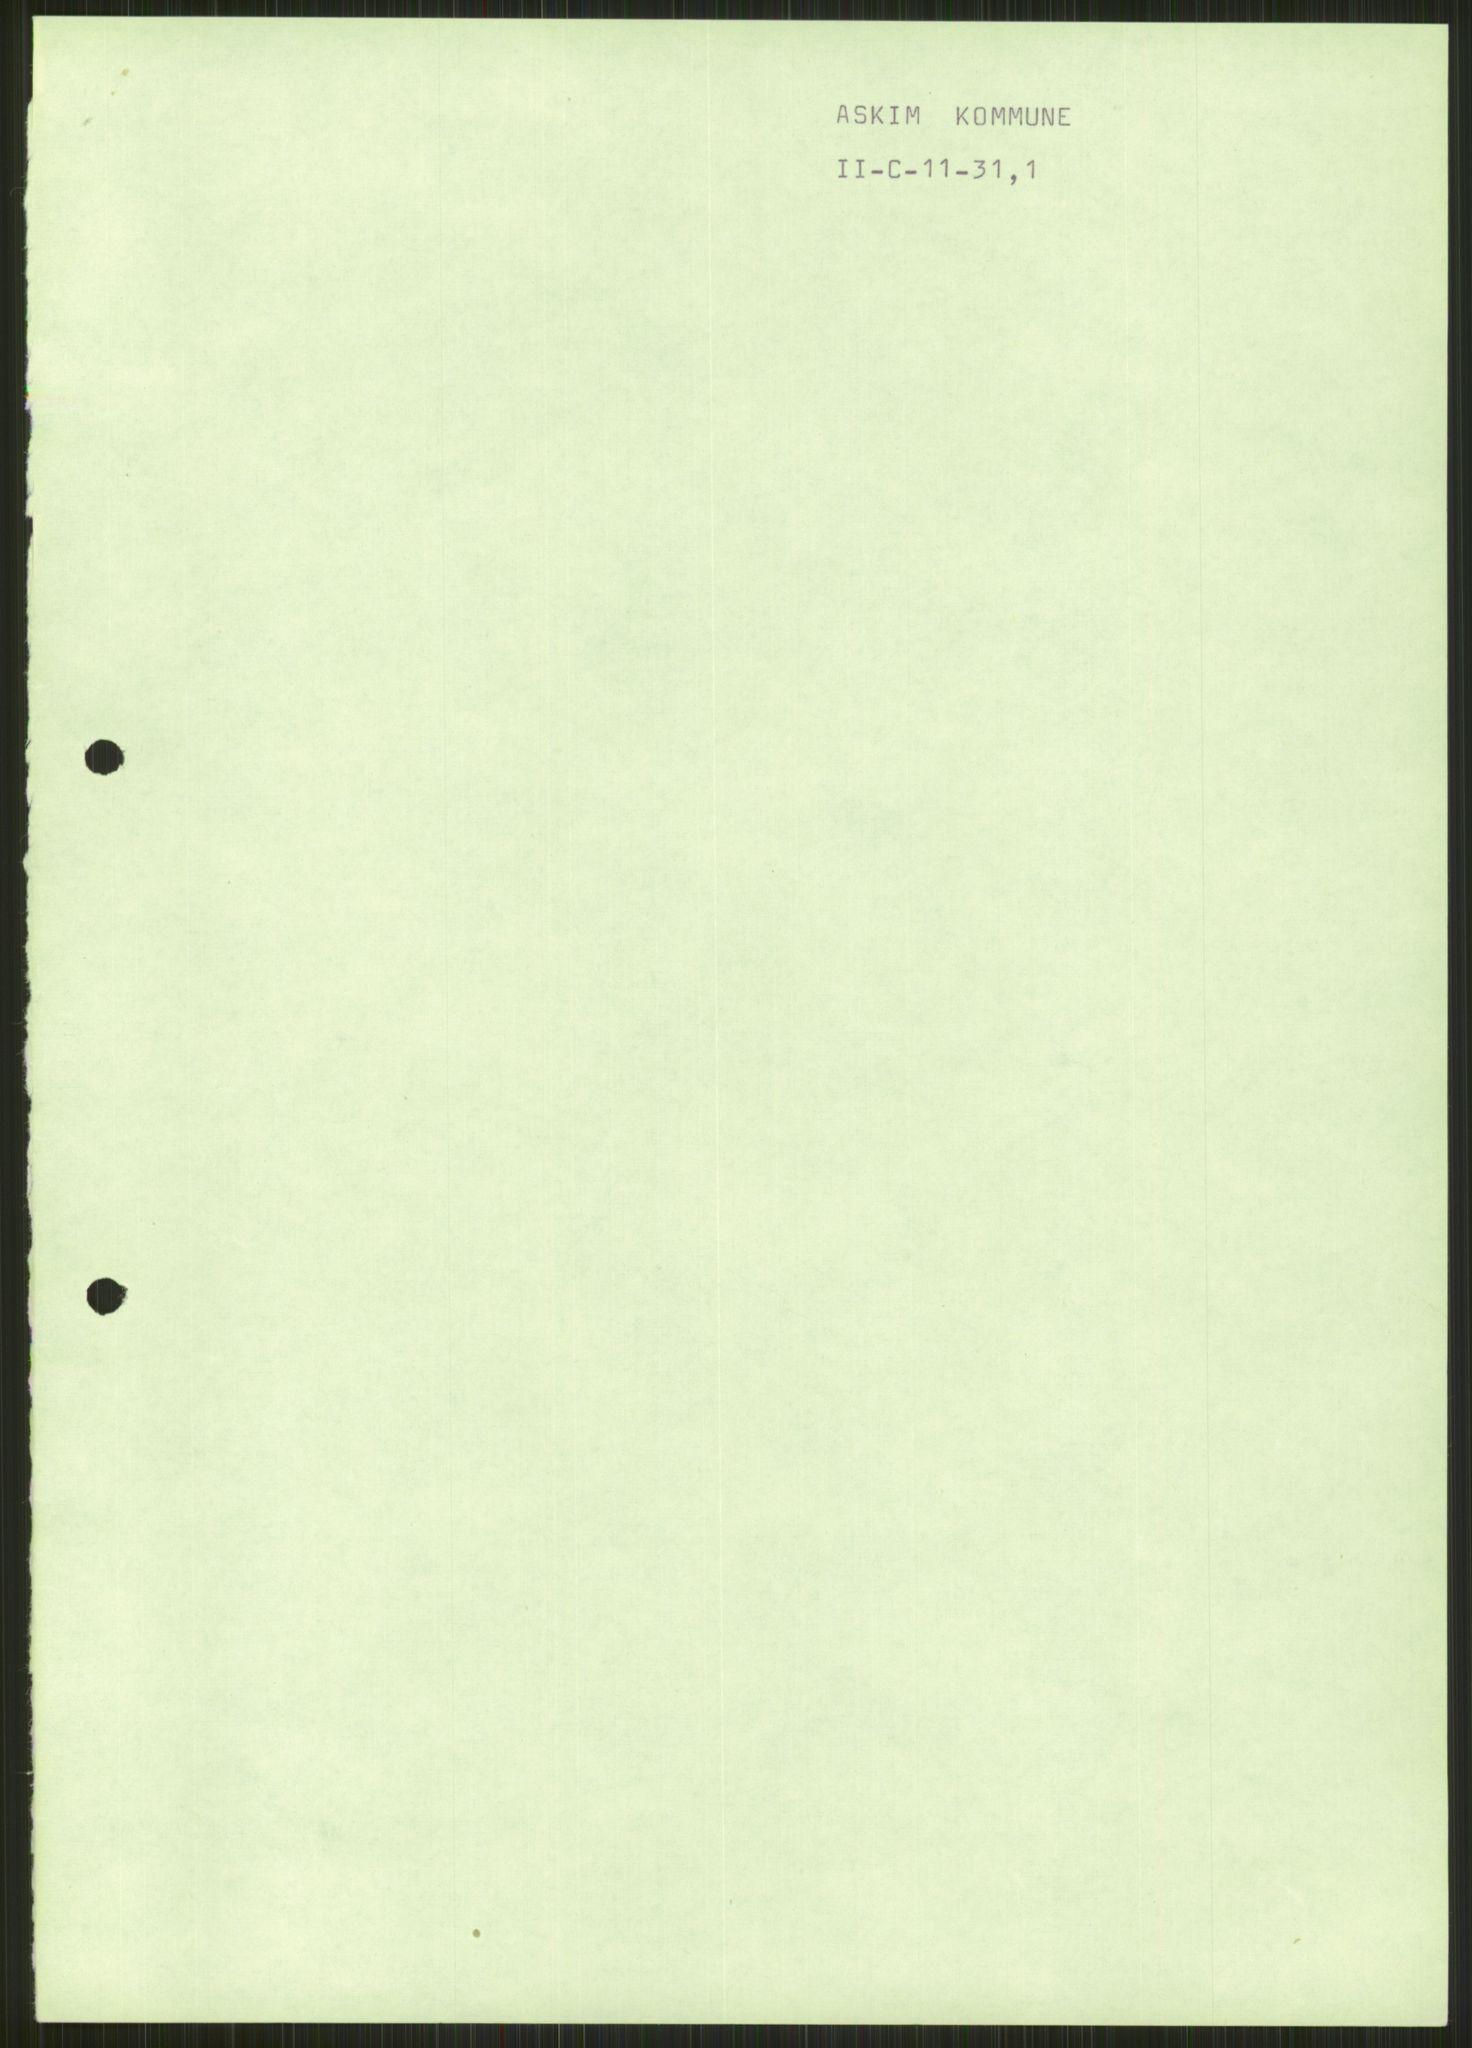 RA, Forsvaret, Forsvarets krigshistoriske avdeling, Y/Ya/L0013: II-C-11-31 - Fylkesmenn.  Rapporter om krigsbegivenhetene 1940., 1940, s. 24